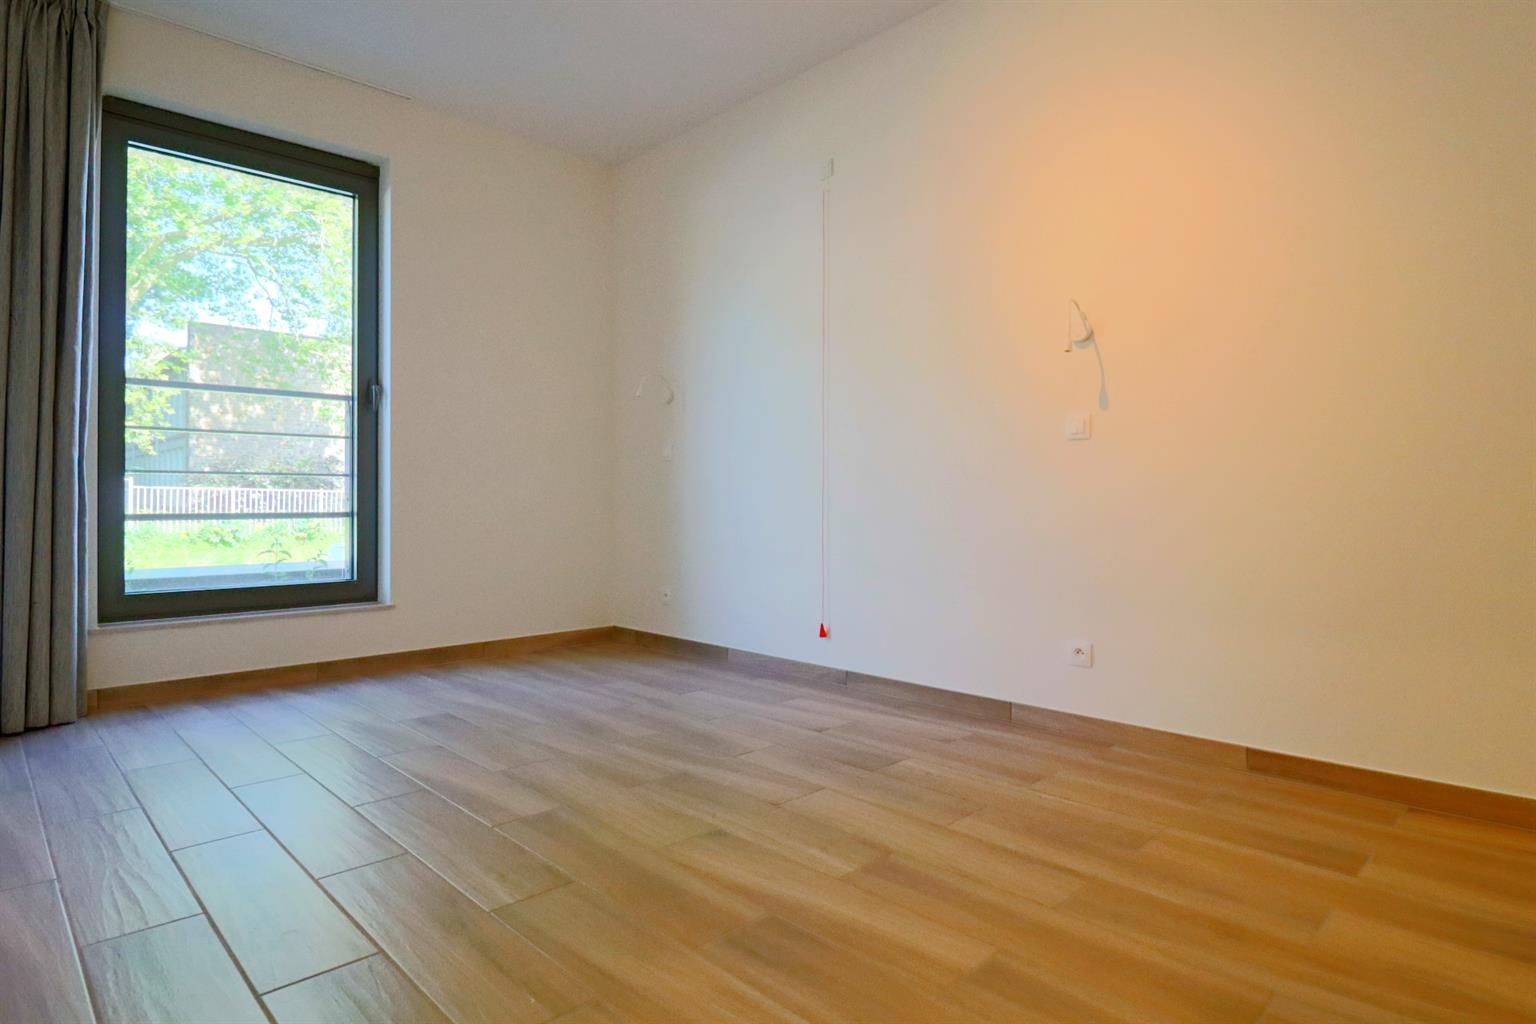 Appartement - Ottignies-Louvain-la-Neuve - #4406828-5